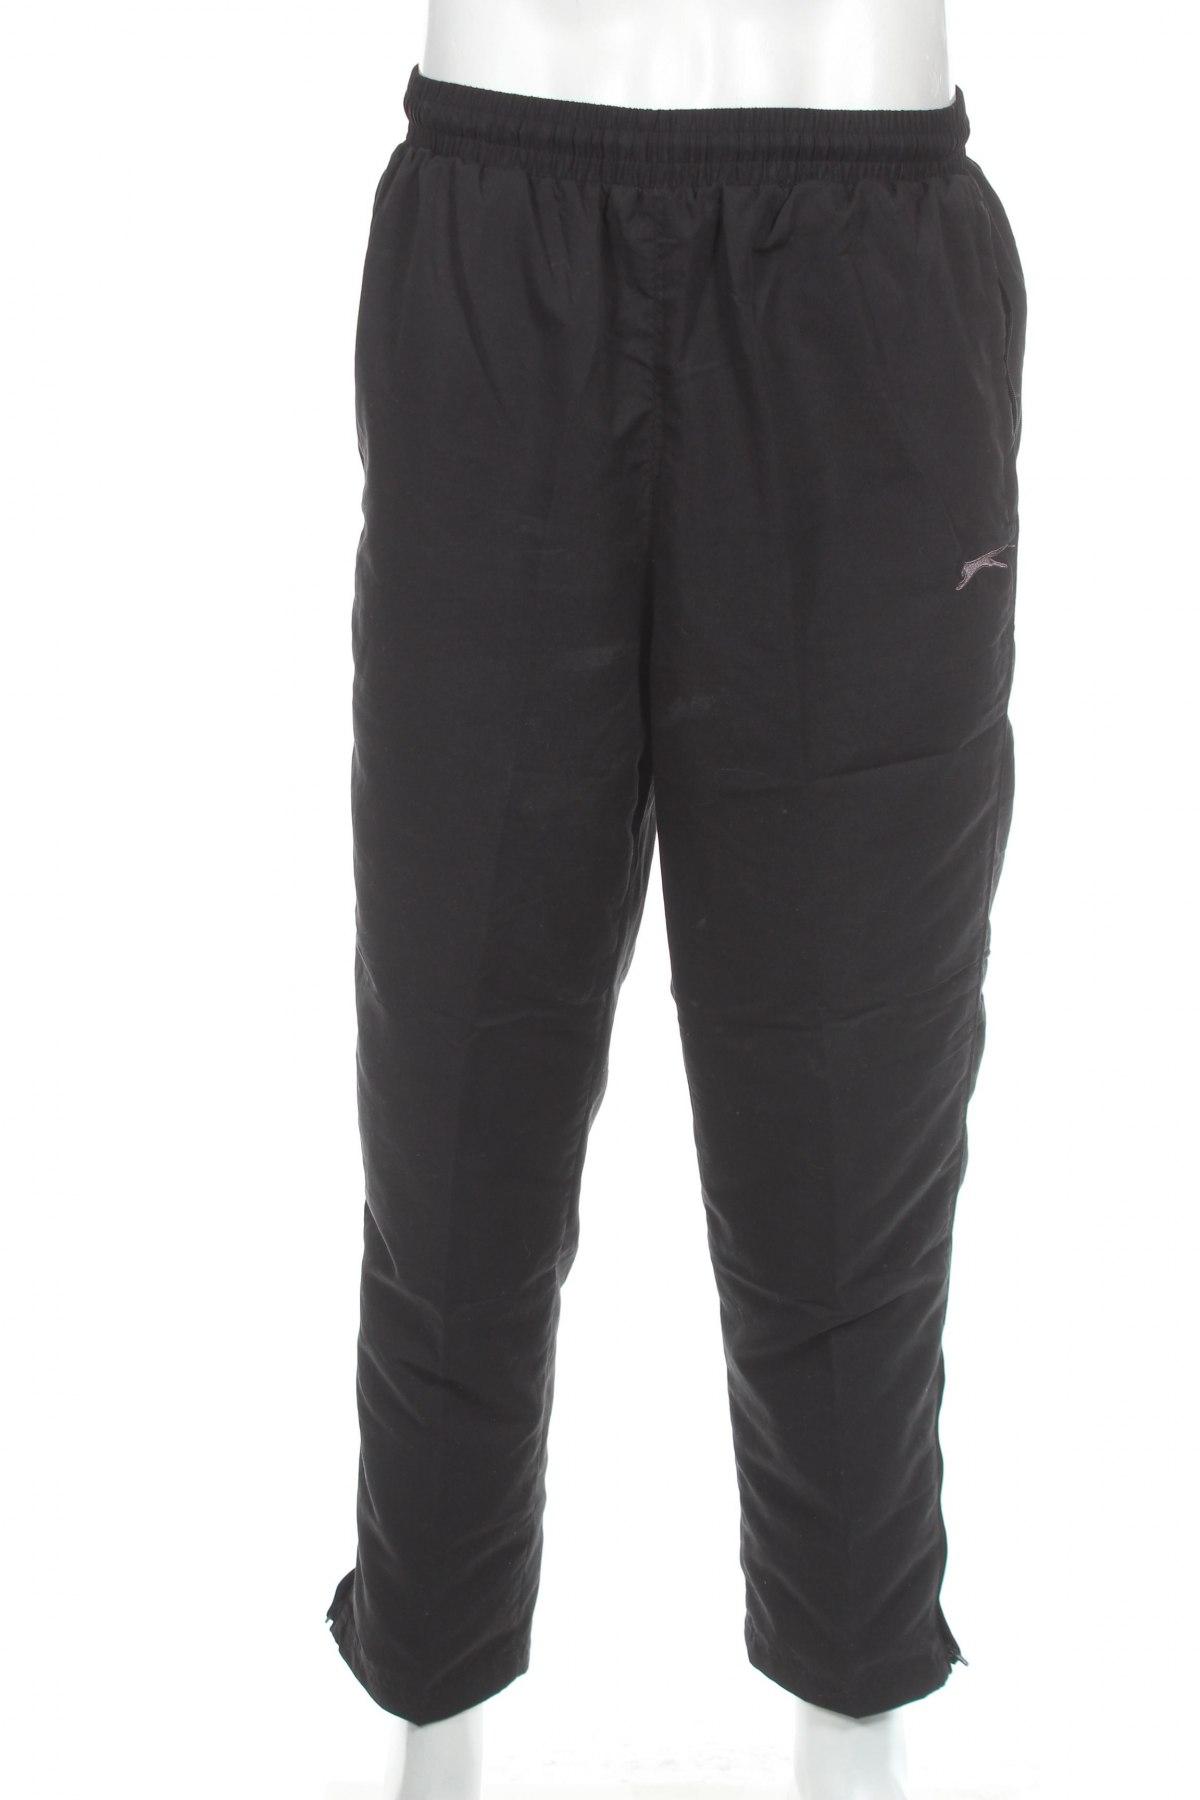 Мъжко спортно долнище Slazenger, Размер L, Цвят Черен, Полиестер, Цена 34,50лв.